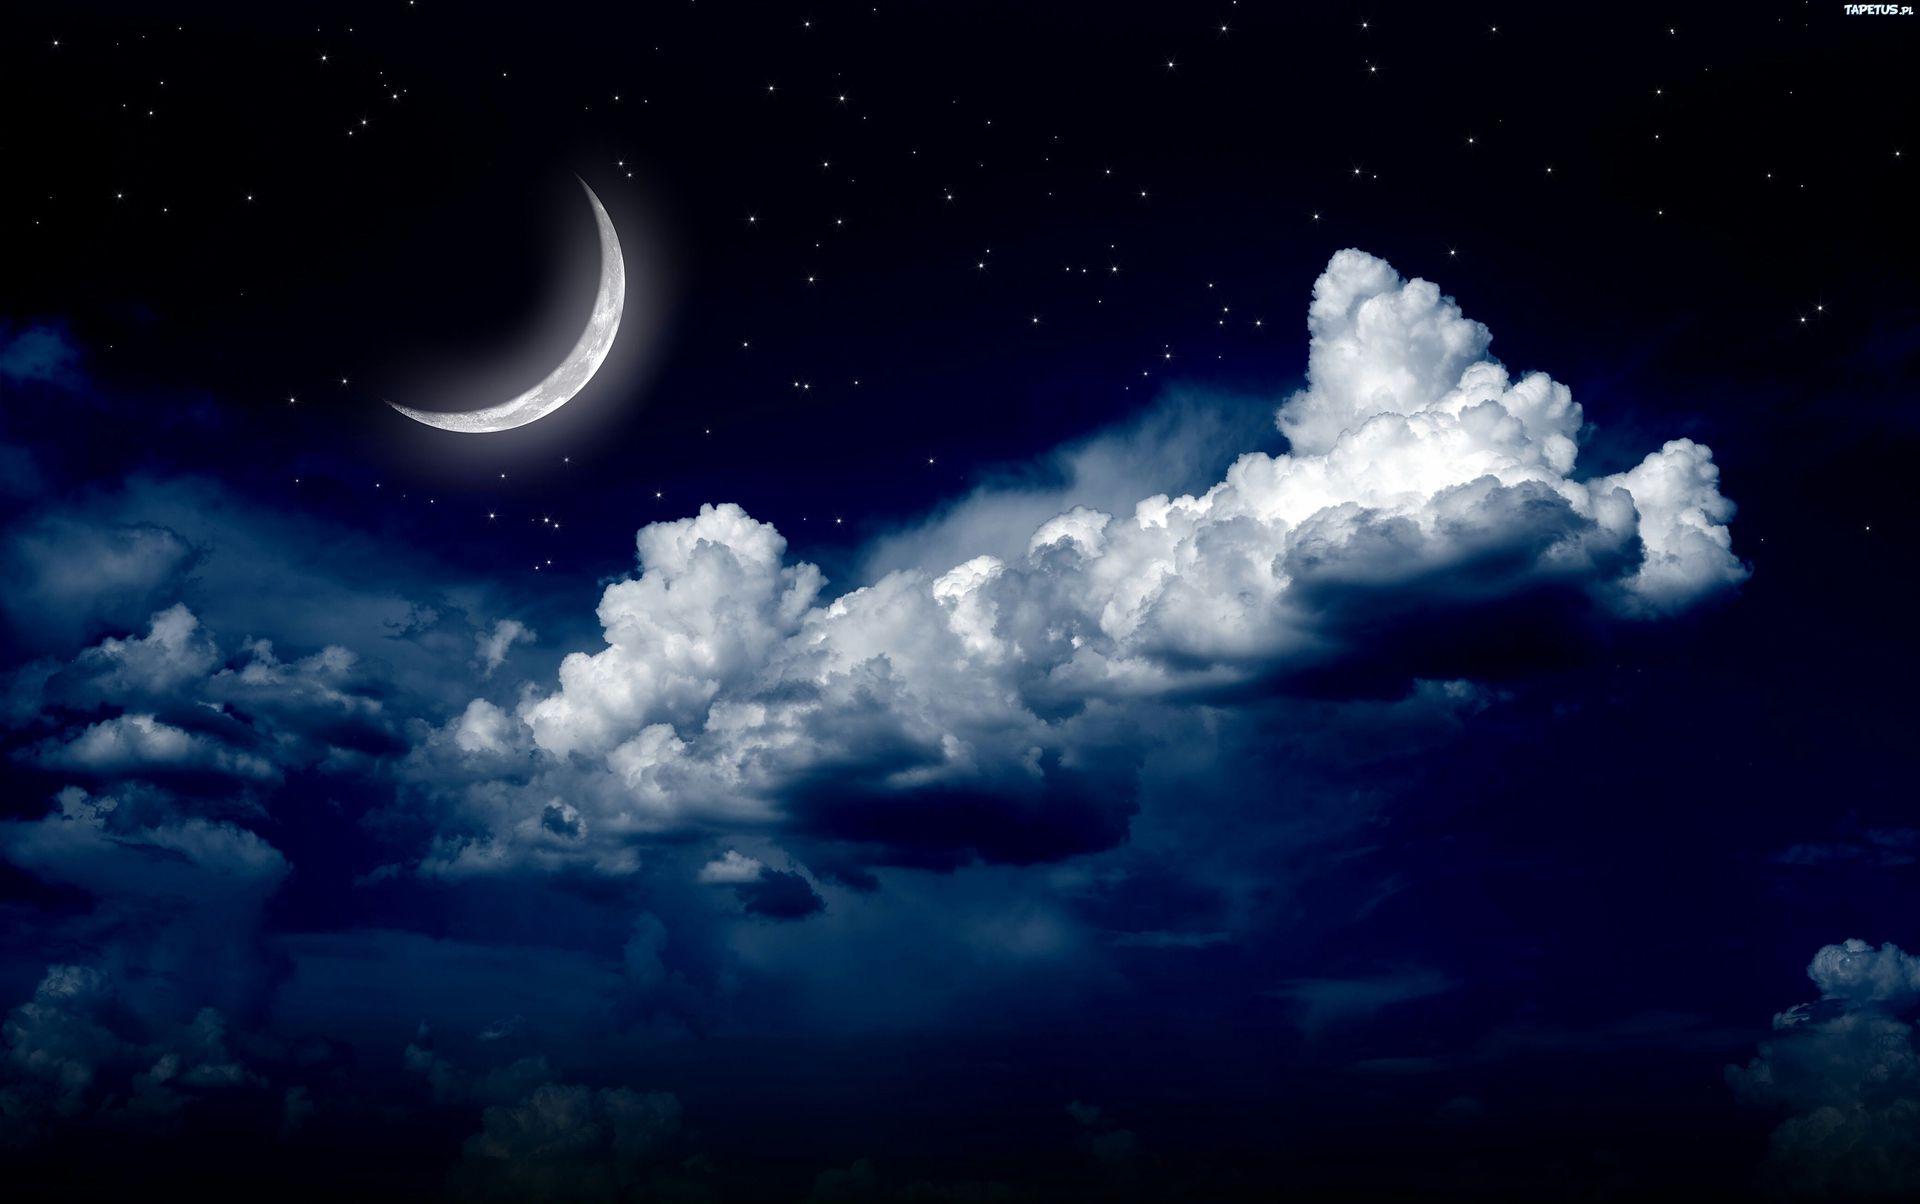 Wiersze Uczucia Przelane W Słowa Dobranoc Wattpad